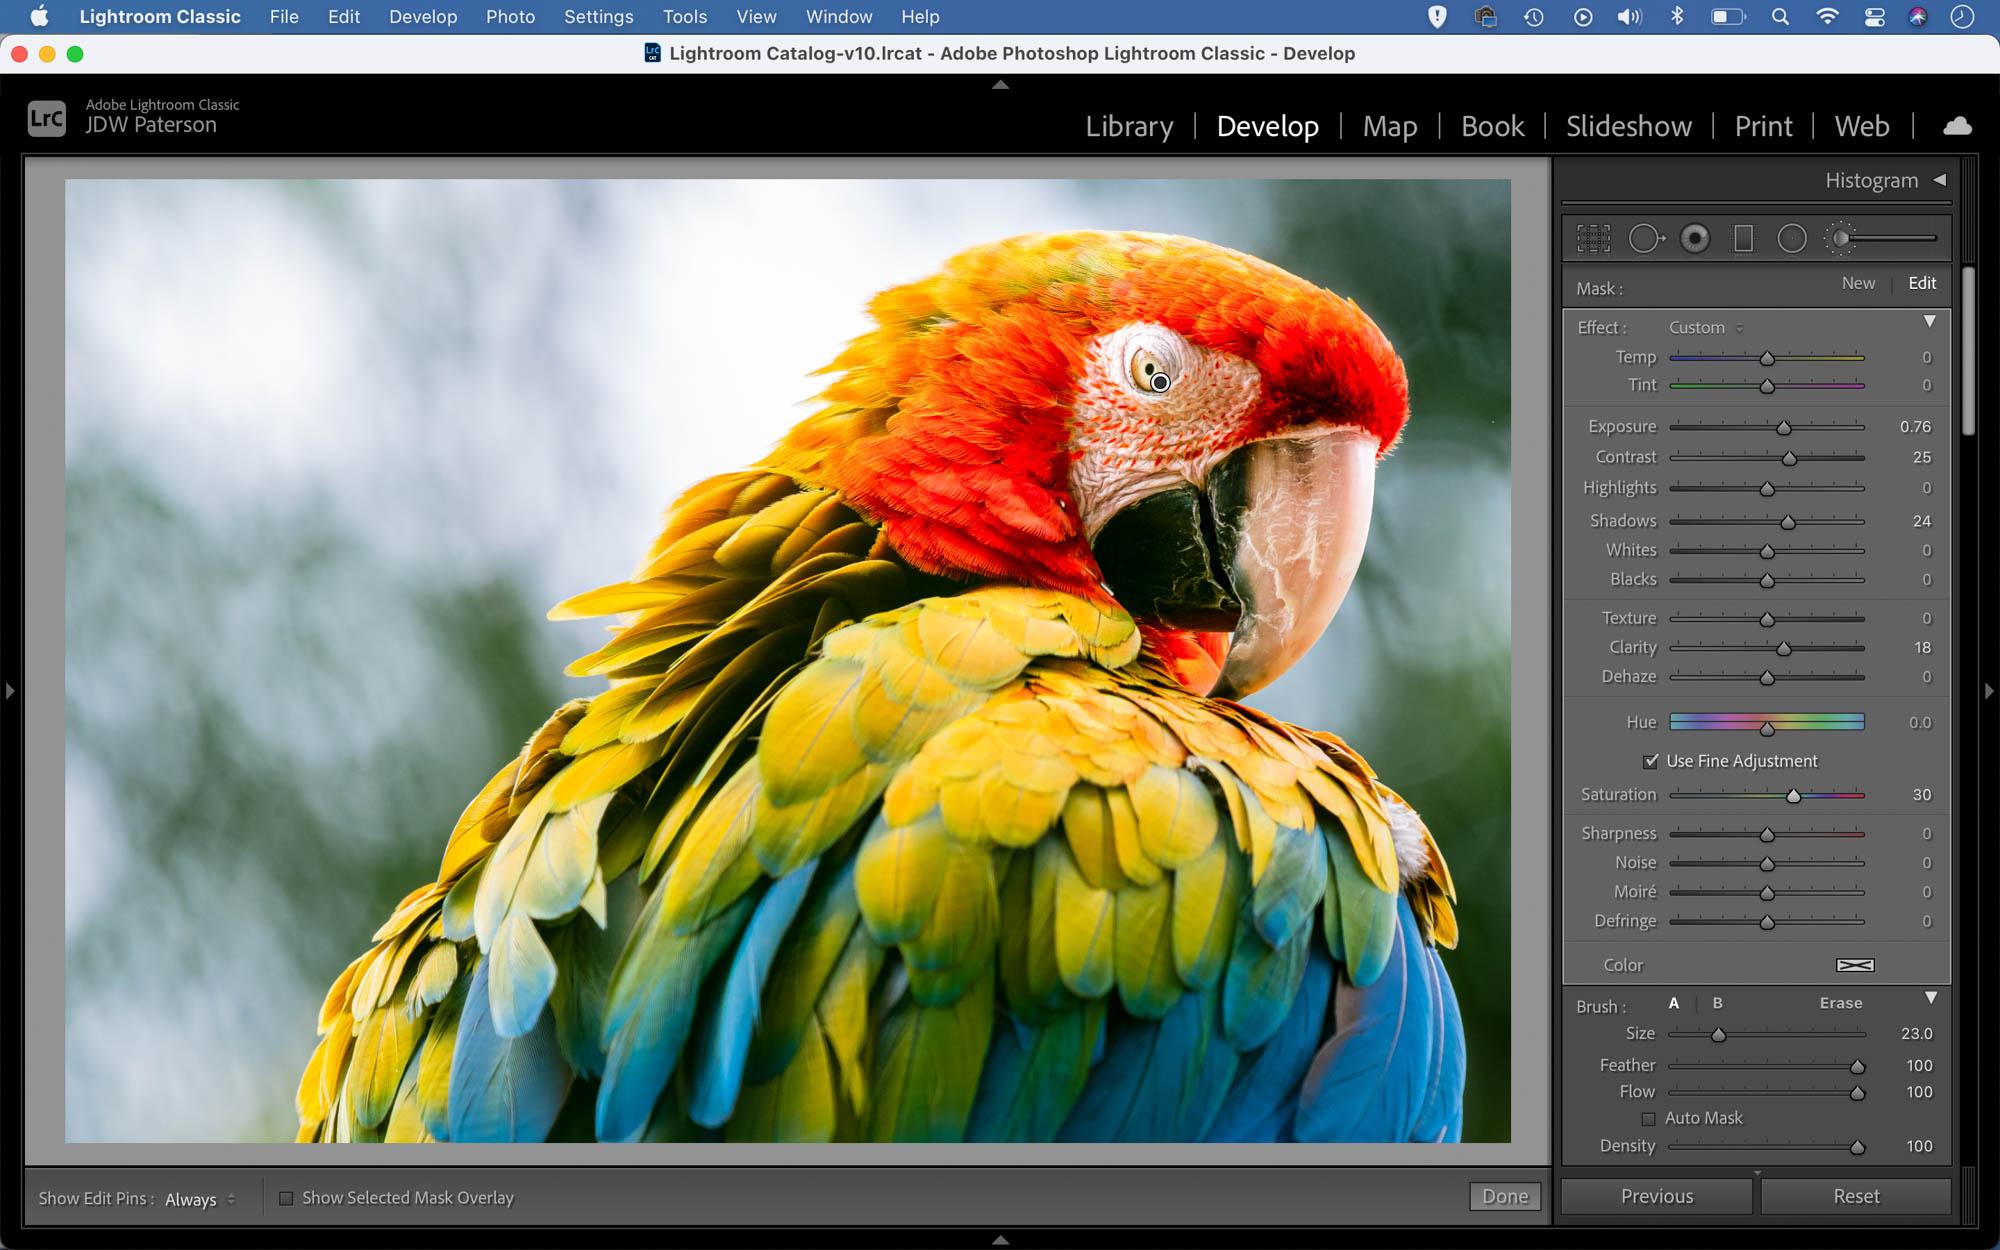 Portrait of a parrot as seen in Adobe Lightroom